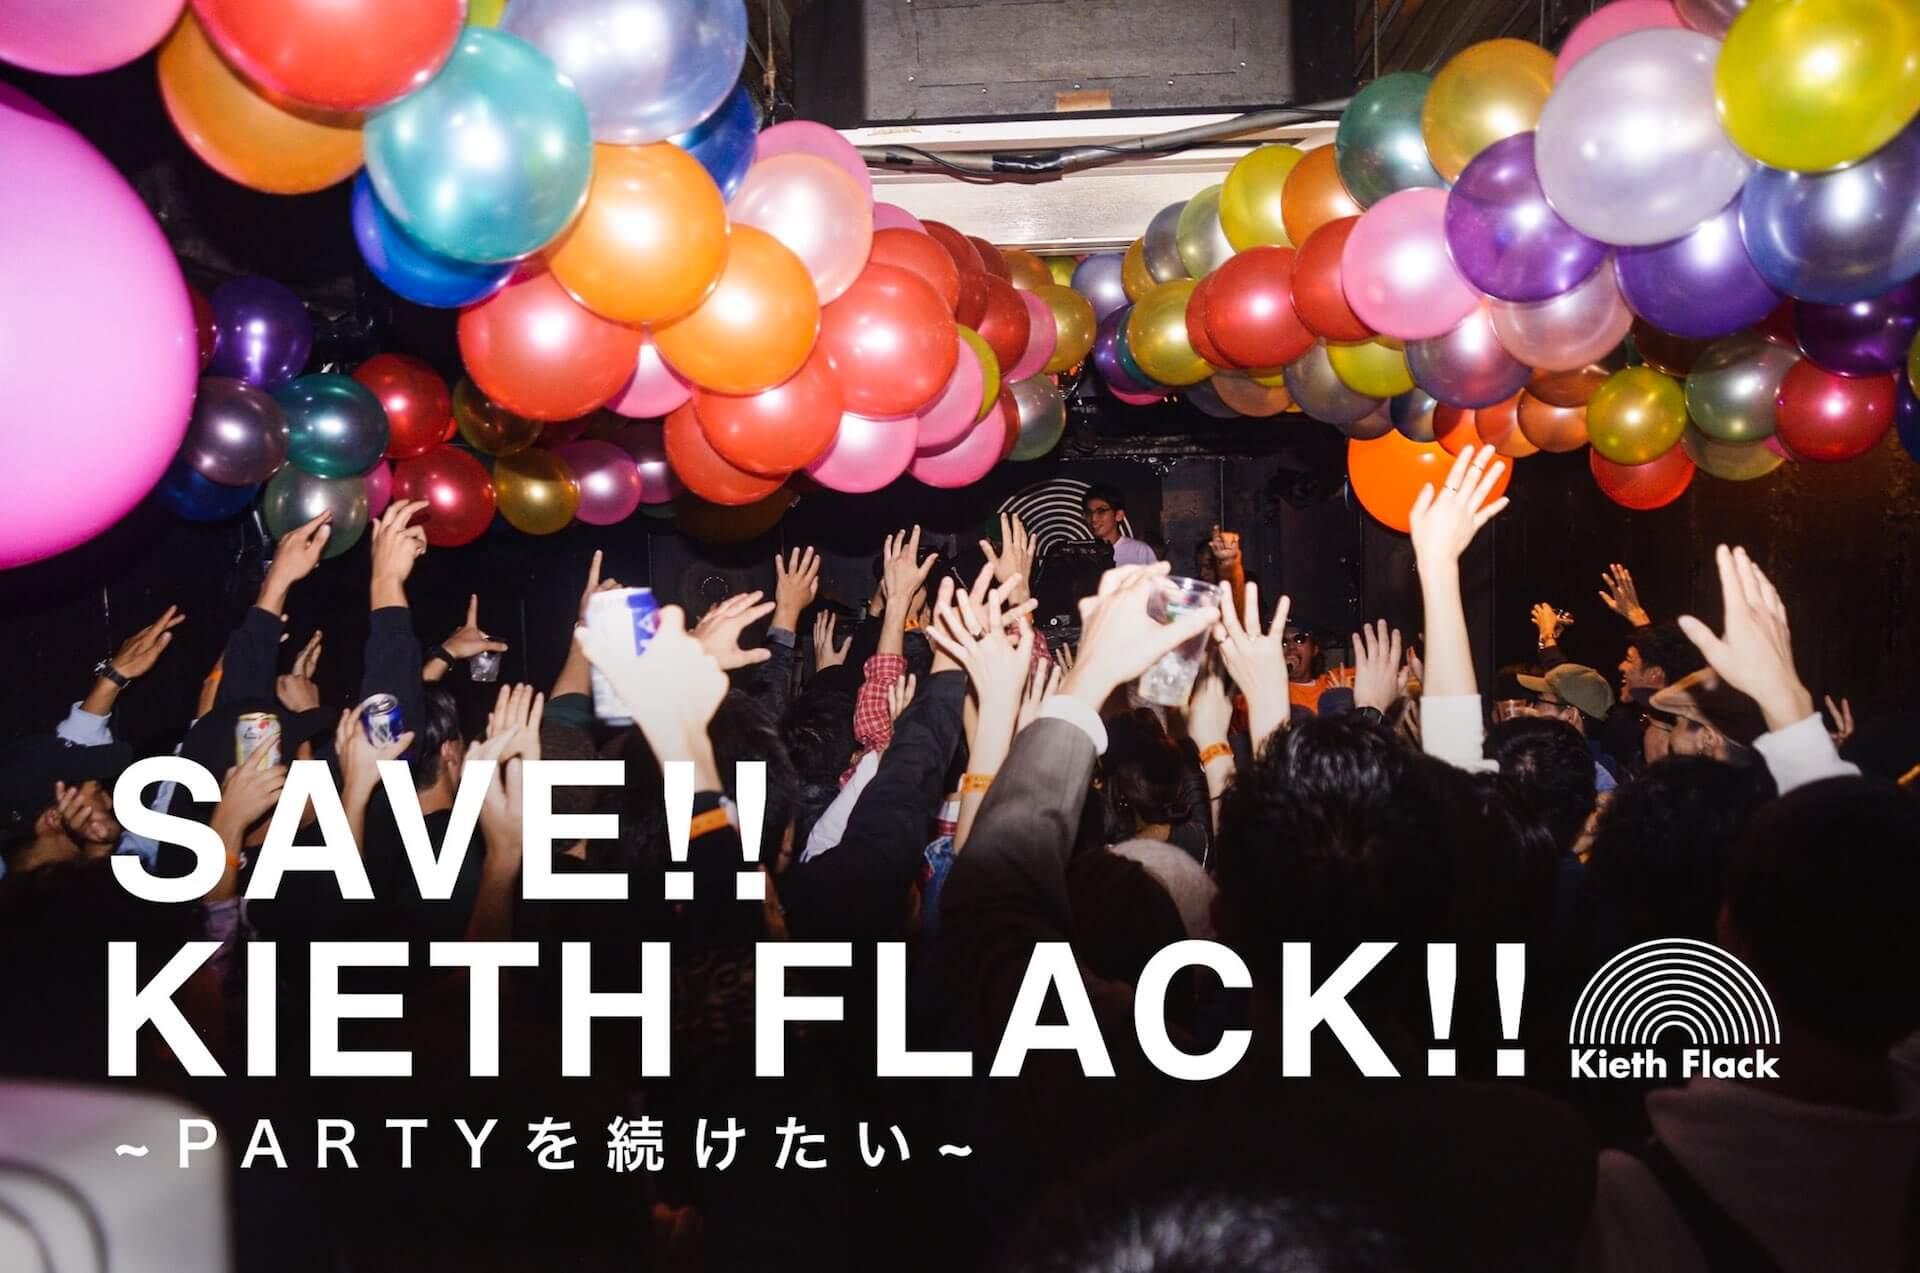 福岡の老舗クラブ/ライブハウス「KIETH FLACK」を支援するプロジェクトが始動中 music200412-keithflack